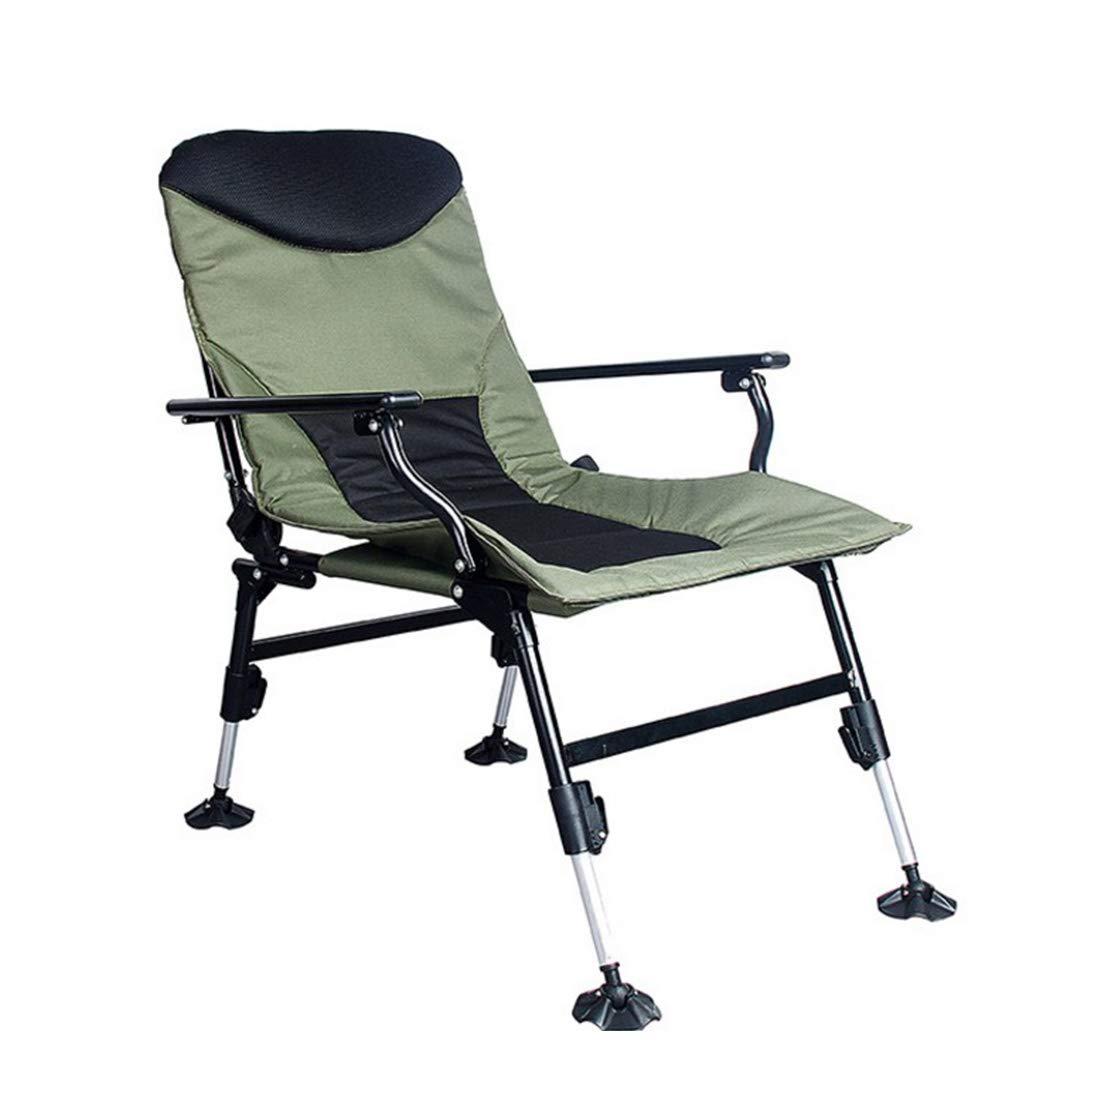 CAFUTY 屋外折りたたみビーチチェアレジャーソファーチェアアームチェア屋外キャンプ午後釣りの椅子 (Color : オレンジ)  オレンジ B07MNNGWLV